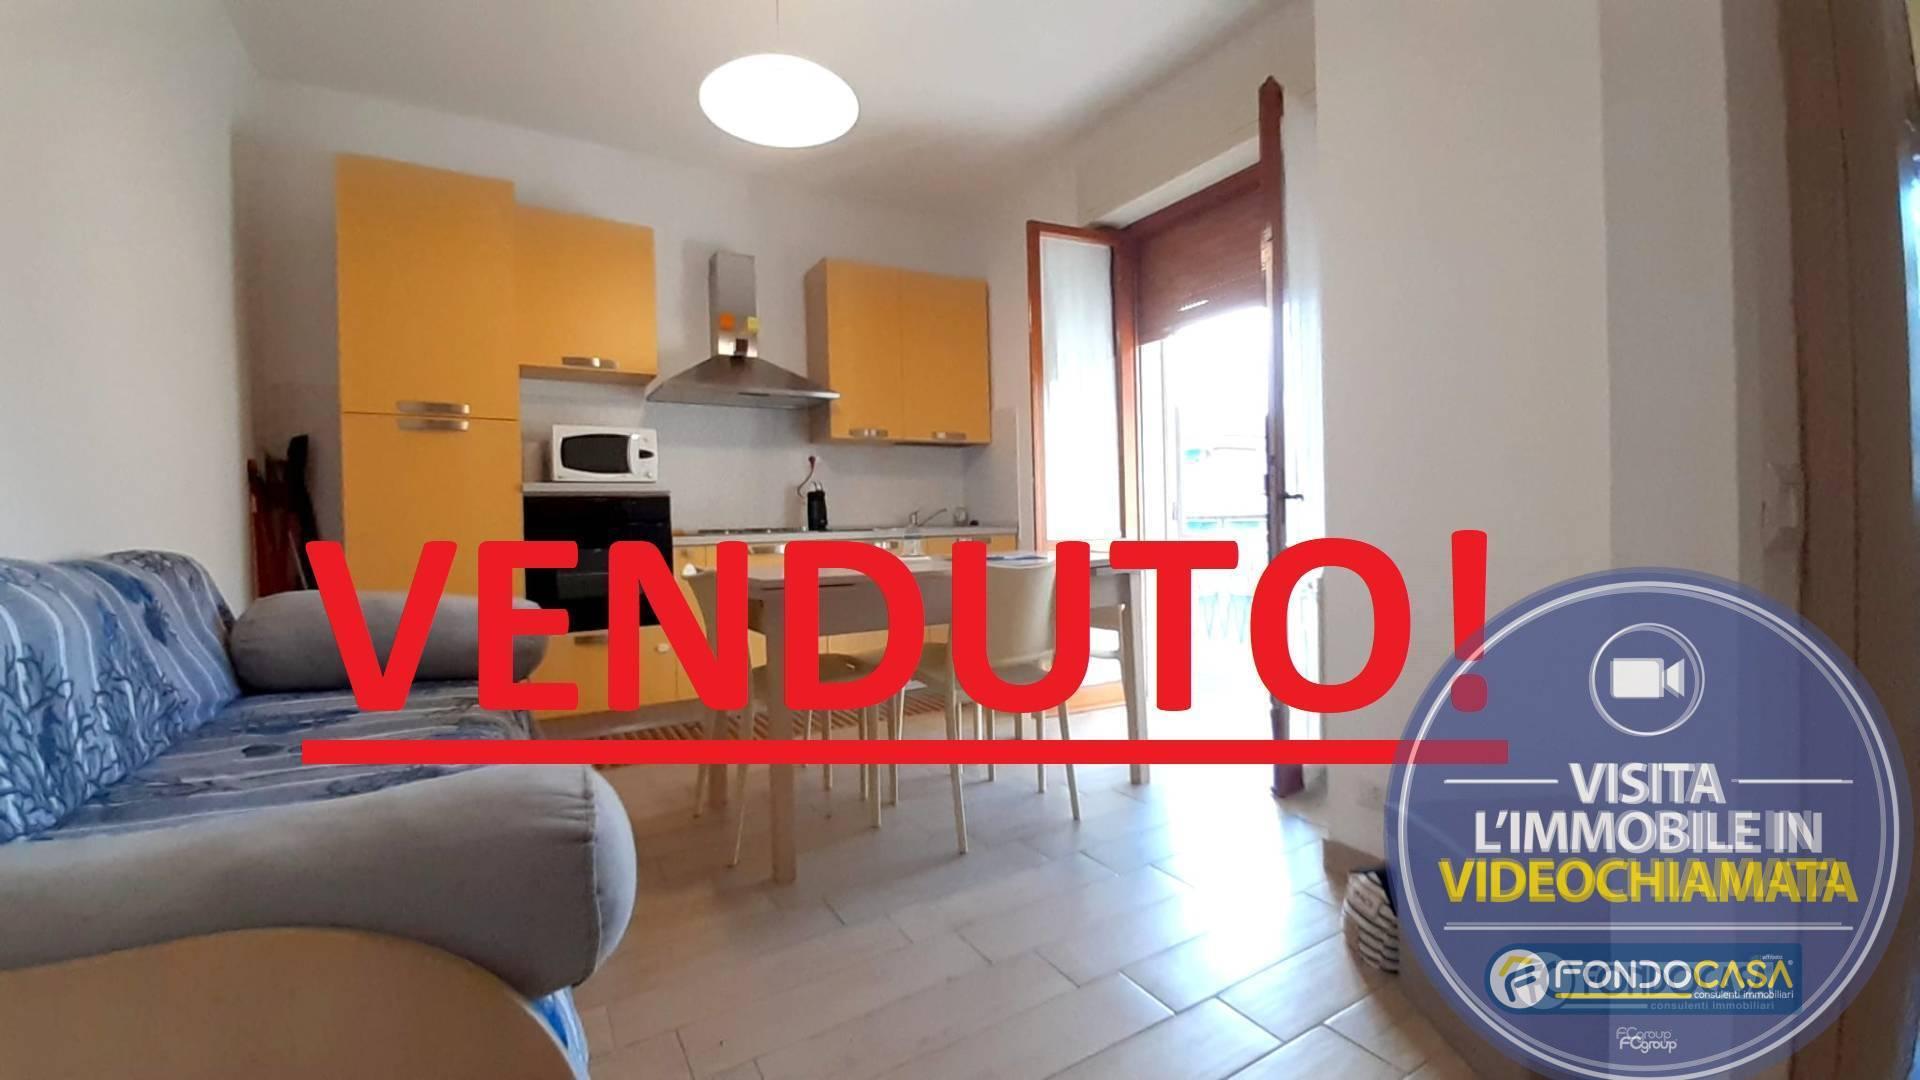 Appartamento in vendita a Ceriale, 2 locali, prezzo € 100.000 | CambioCasa.it